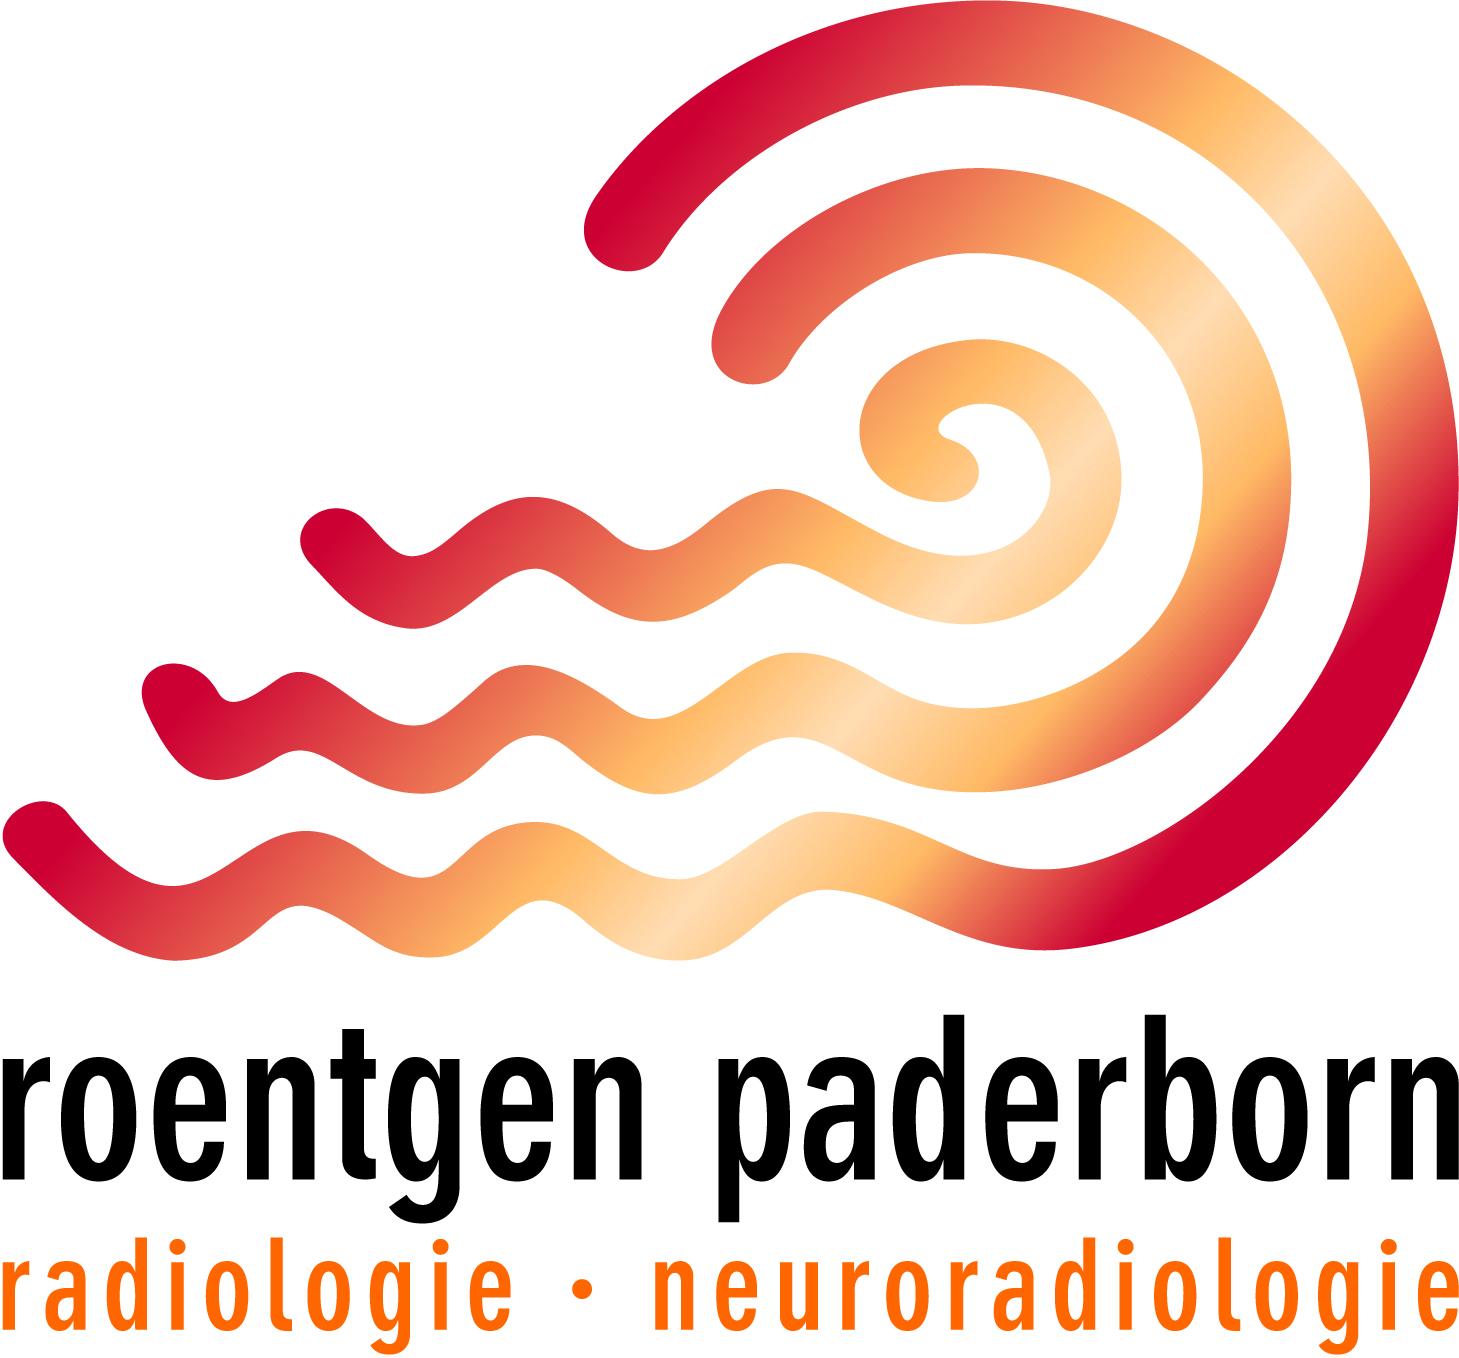 roentgen-pb_logo_cmyk